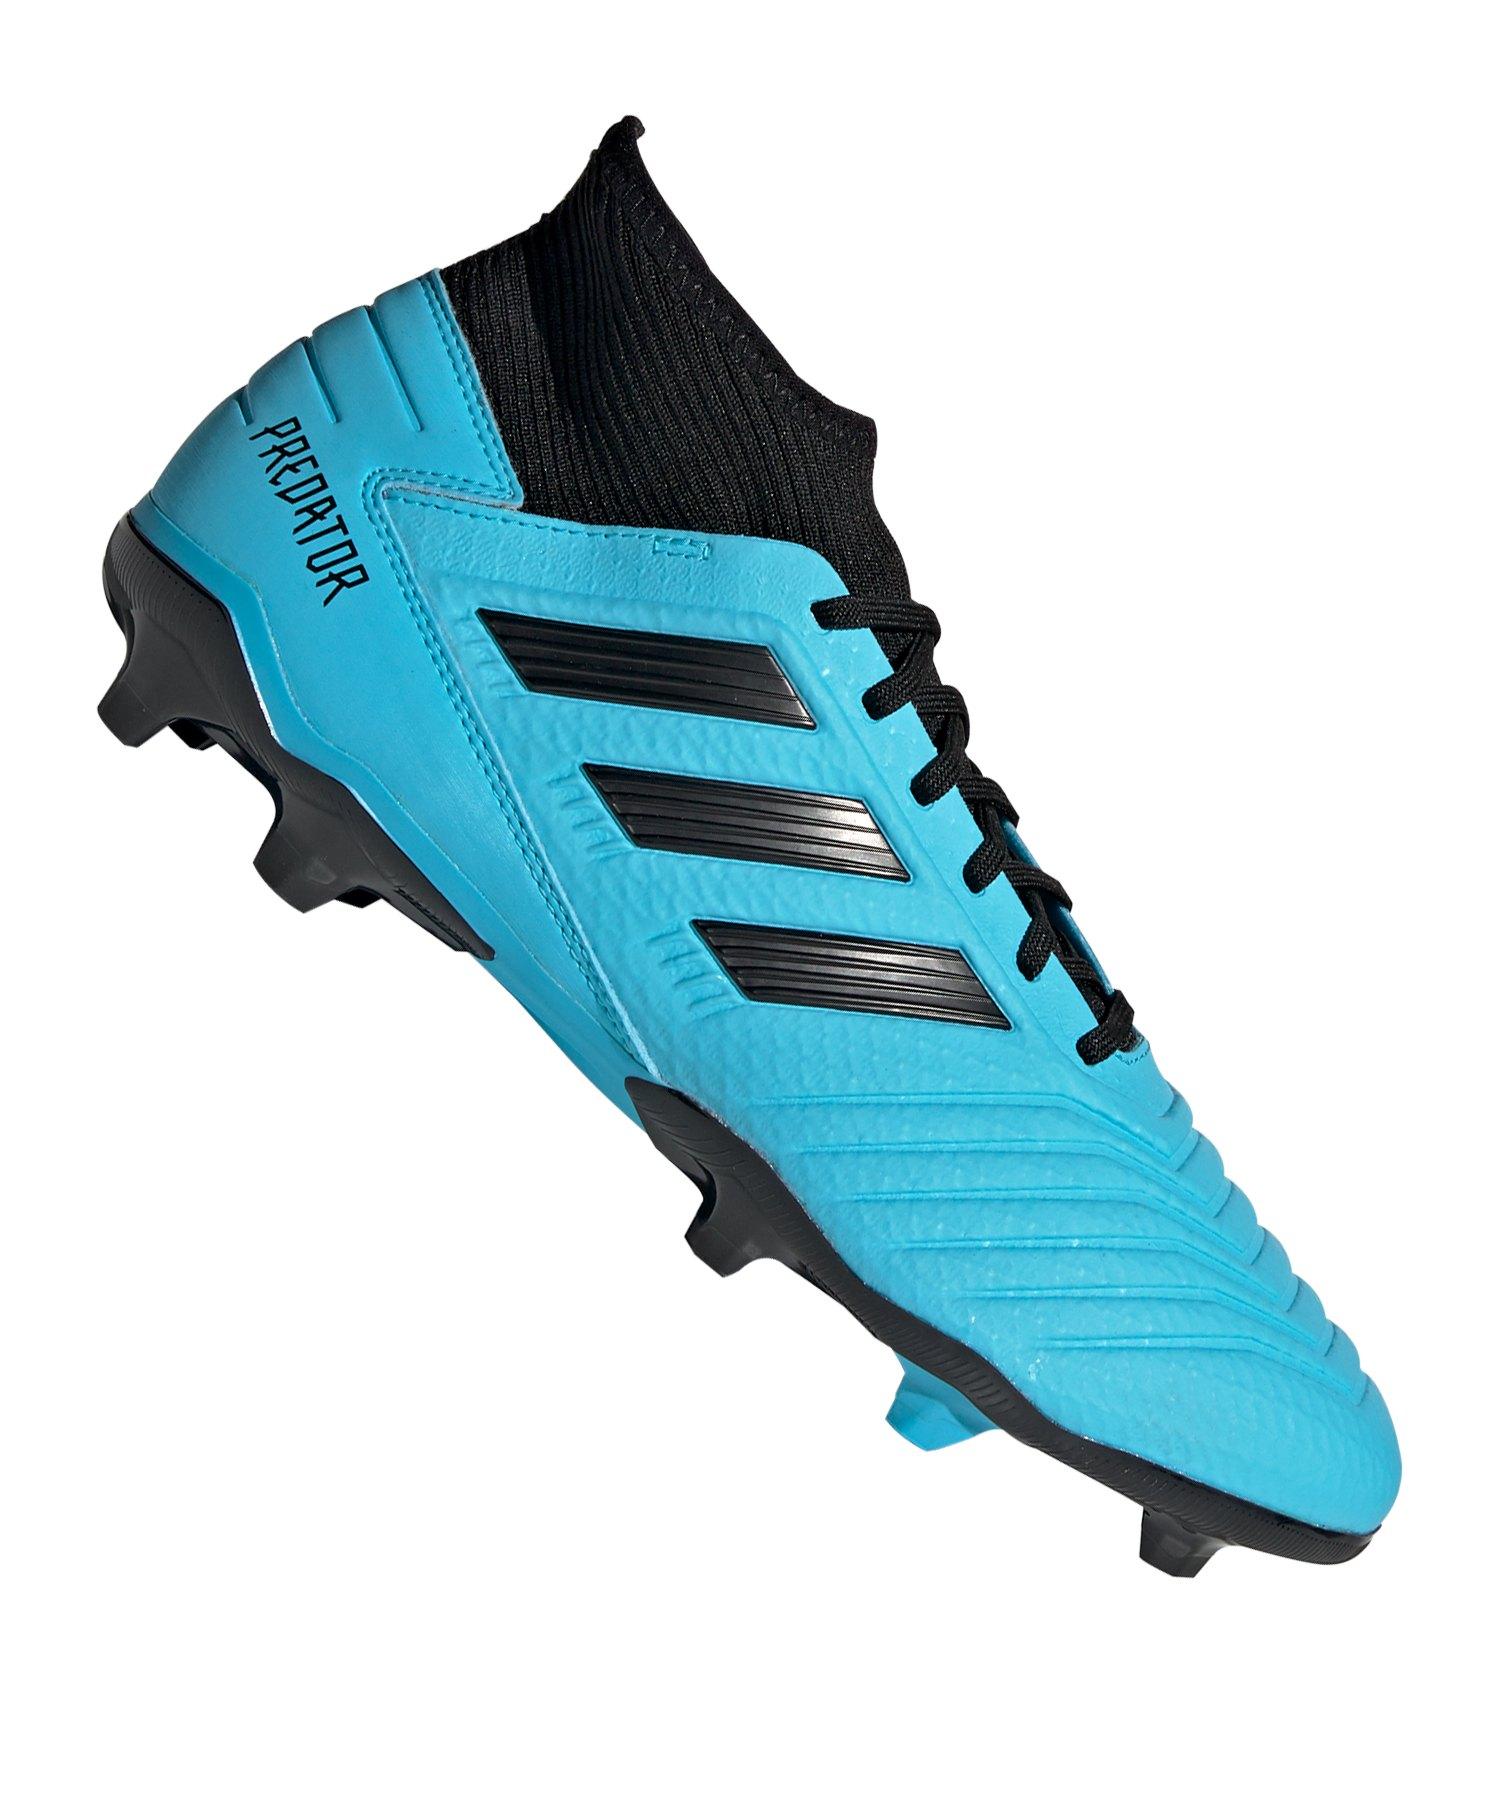 adidas Predator 19.3 FG Blau Schwarz - blau